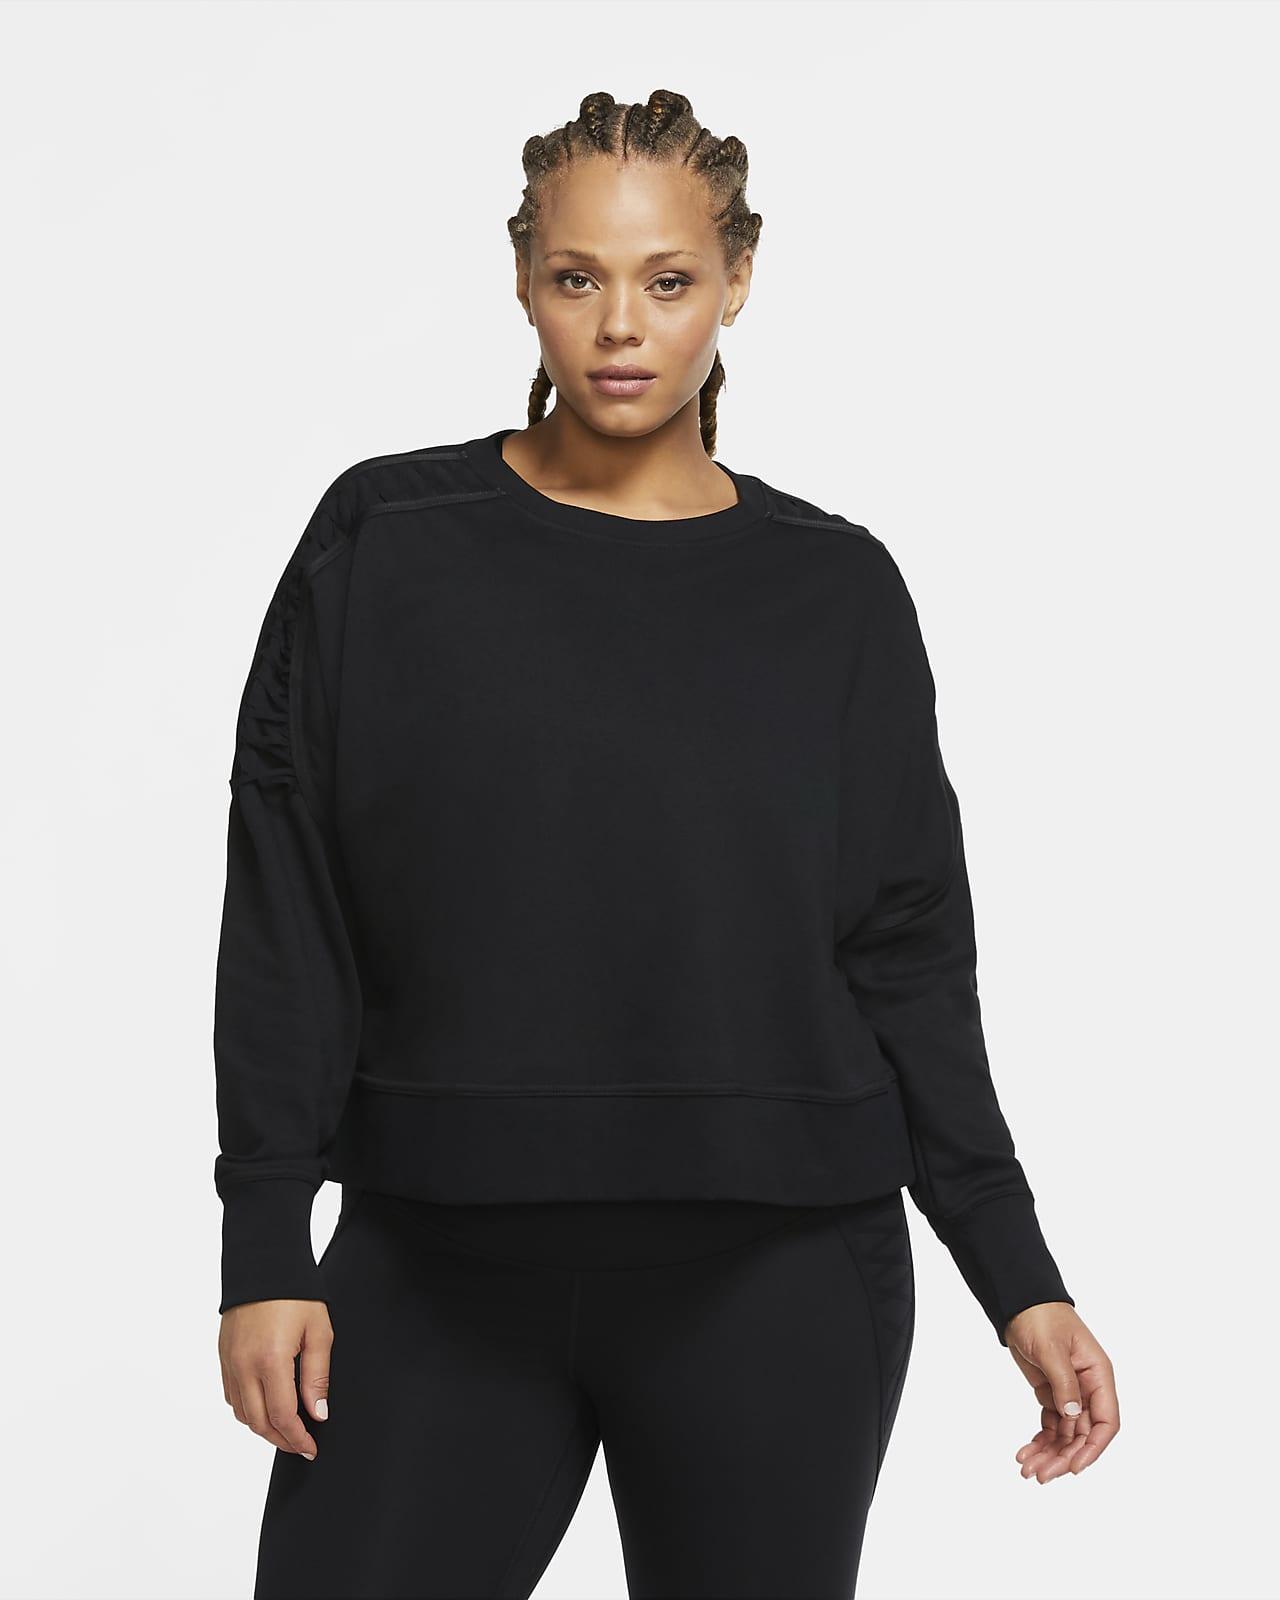 Haut court de training en tissu Fleece à lacet Nike Therma pour Femme (grande taille)